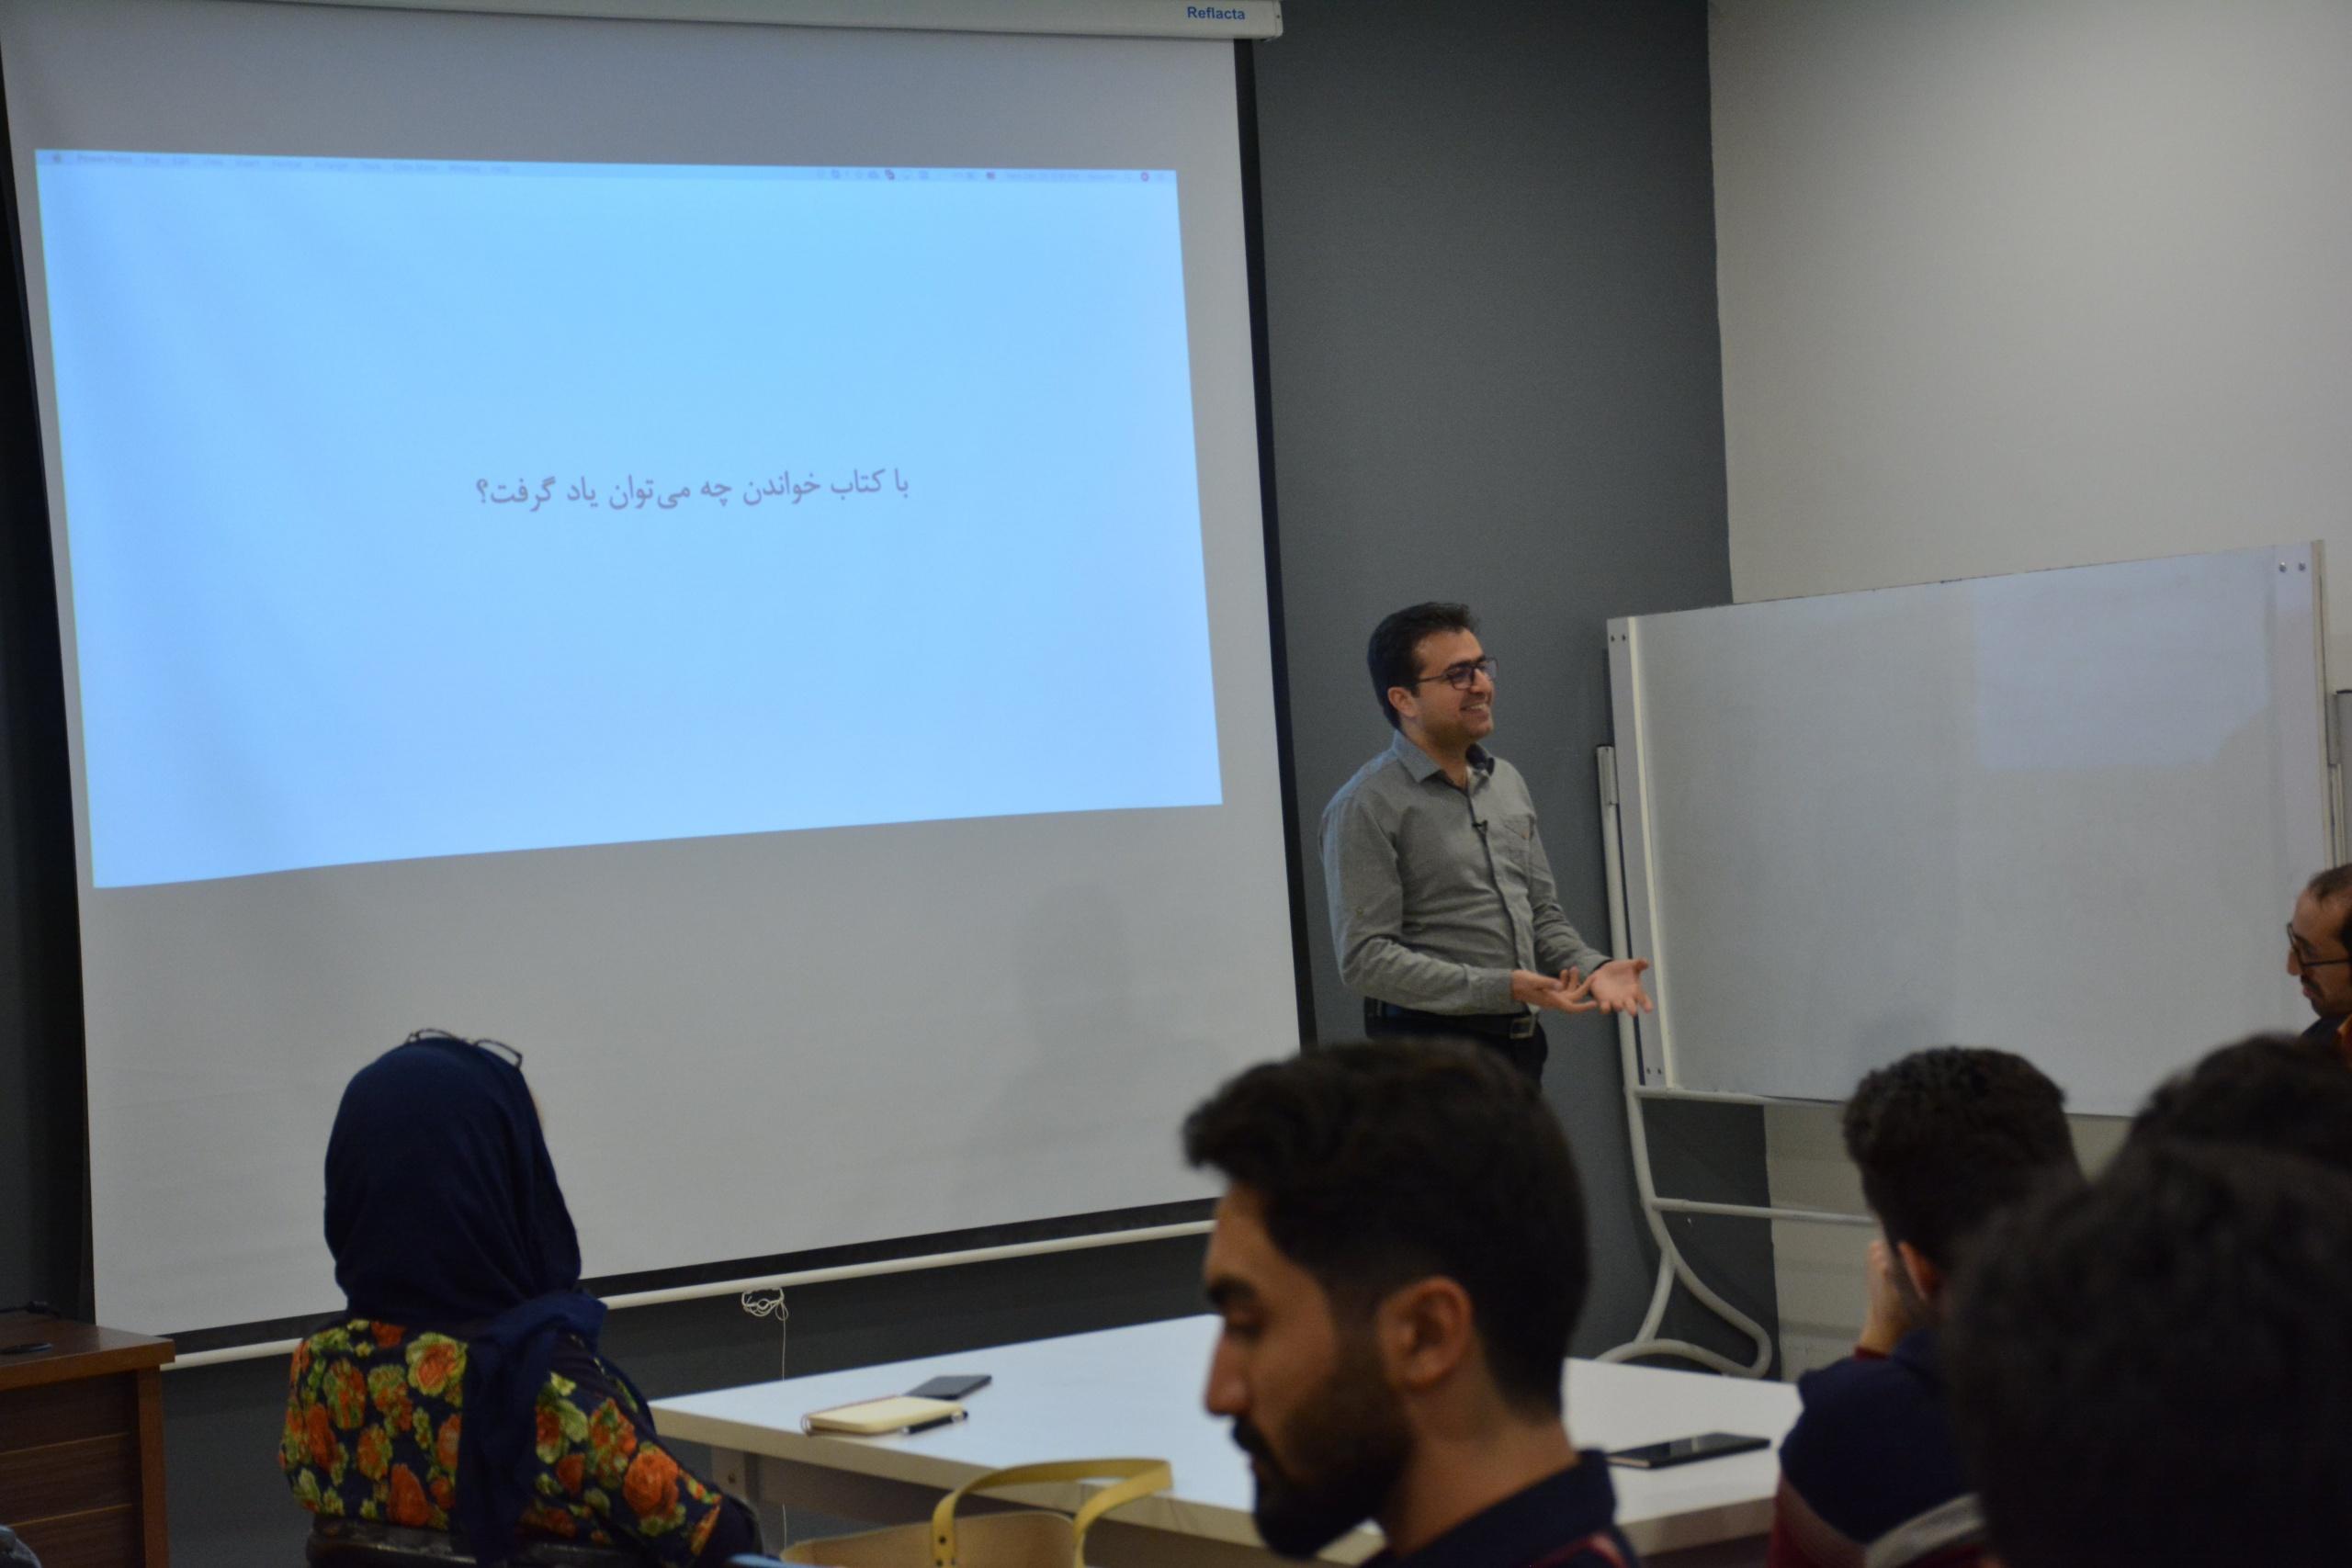 کارگاه بازیسازان مشهدی با حسین مزوعی